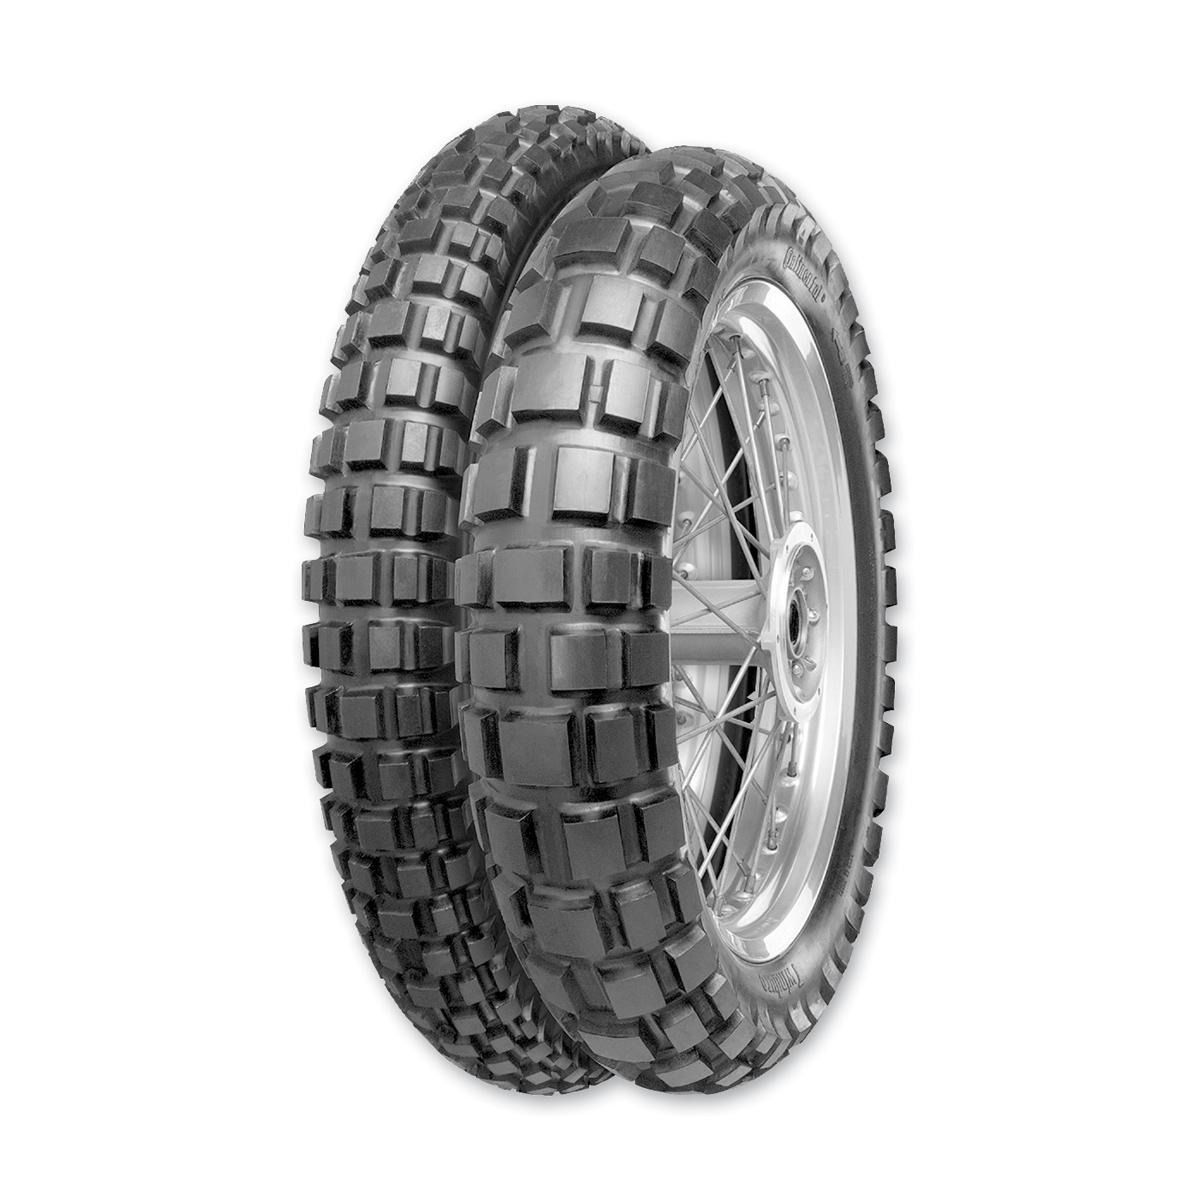 Continental TKC80 150/70B17 Rear Tire